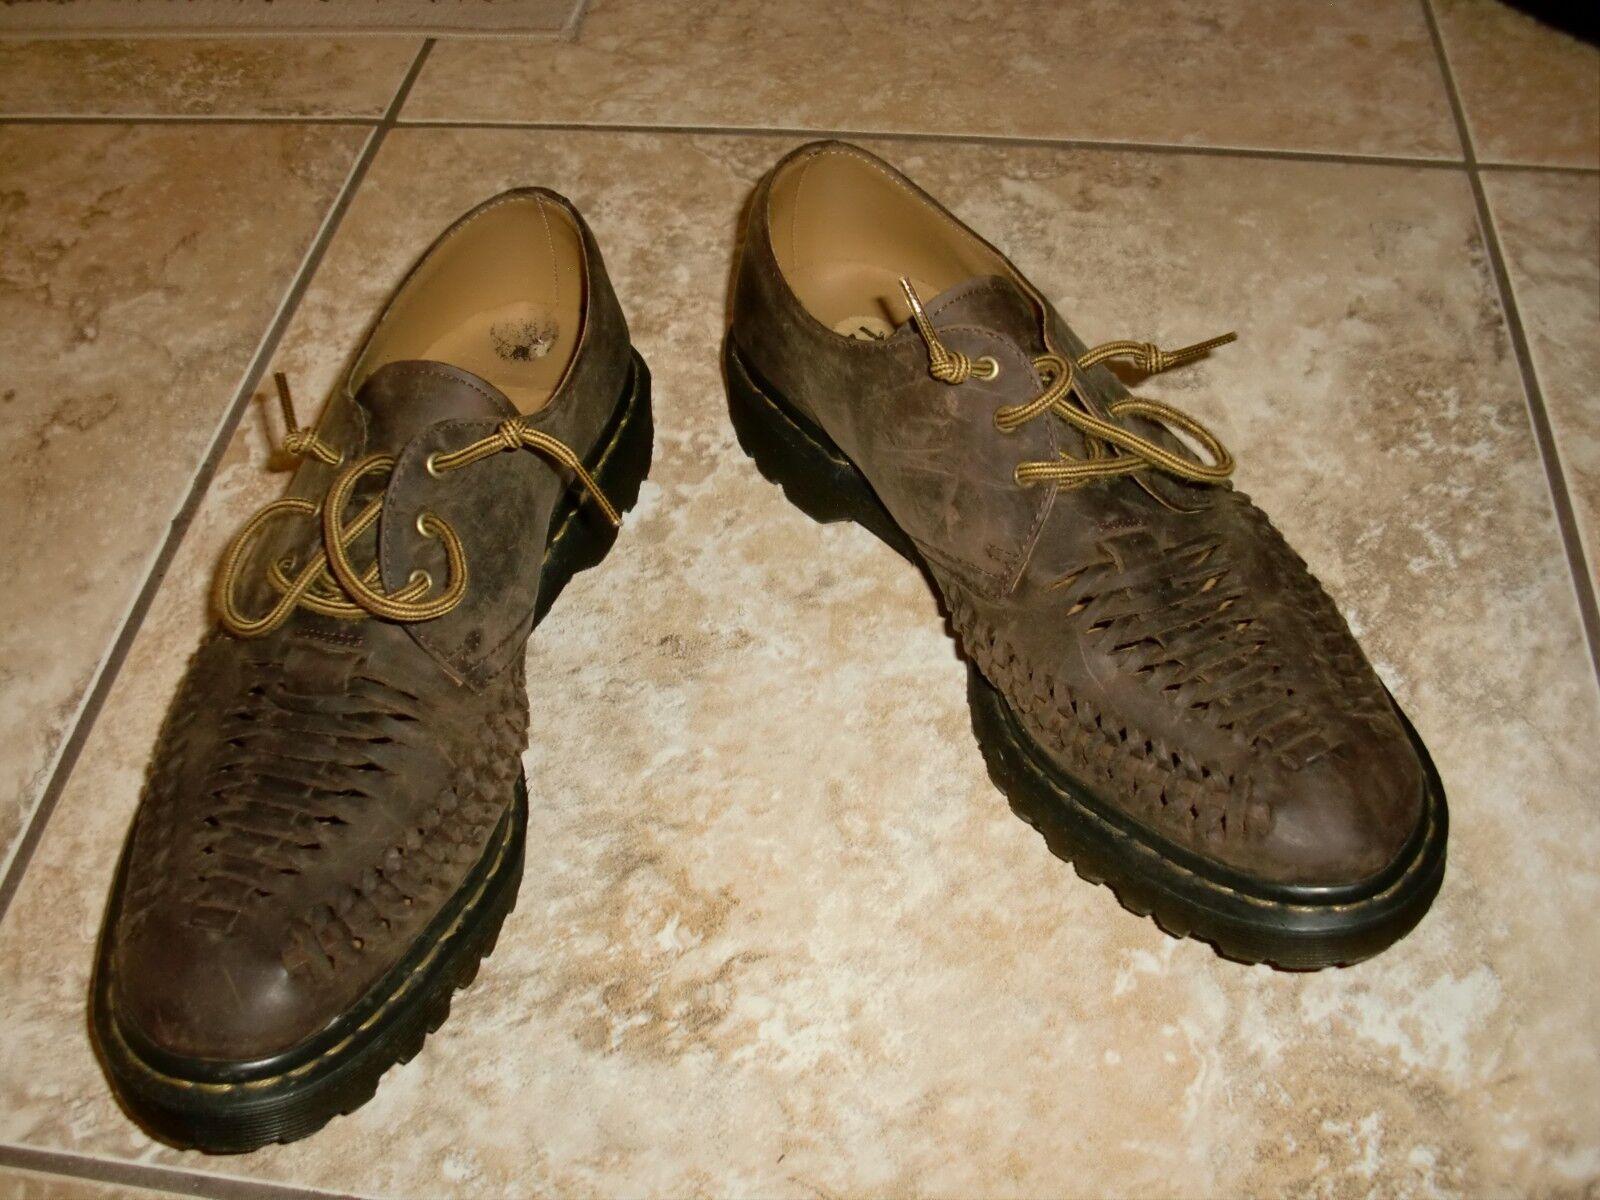 Men's DR.MARTENS EZRAENTERWOVEN DISTRESSED Leather Oxfords shoes size 12US 46EU